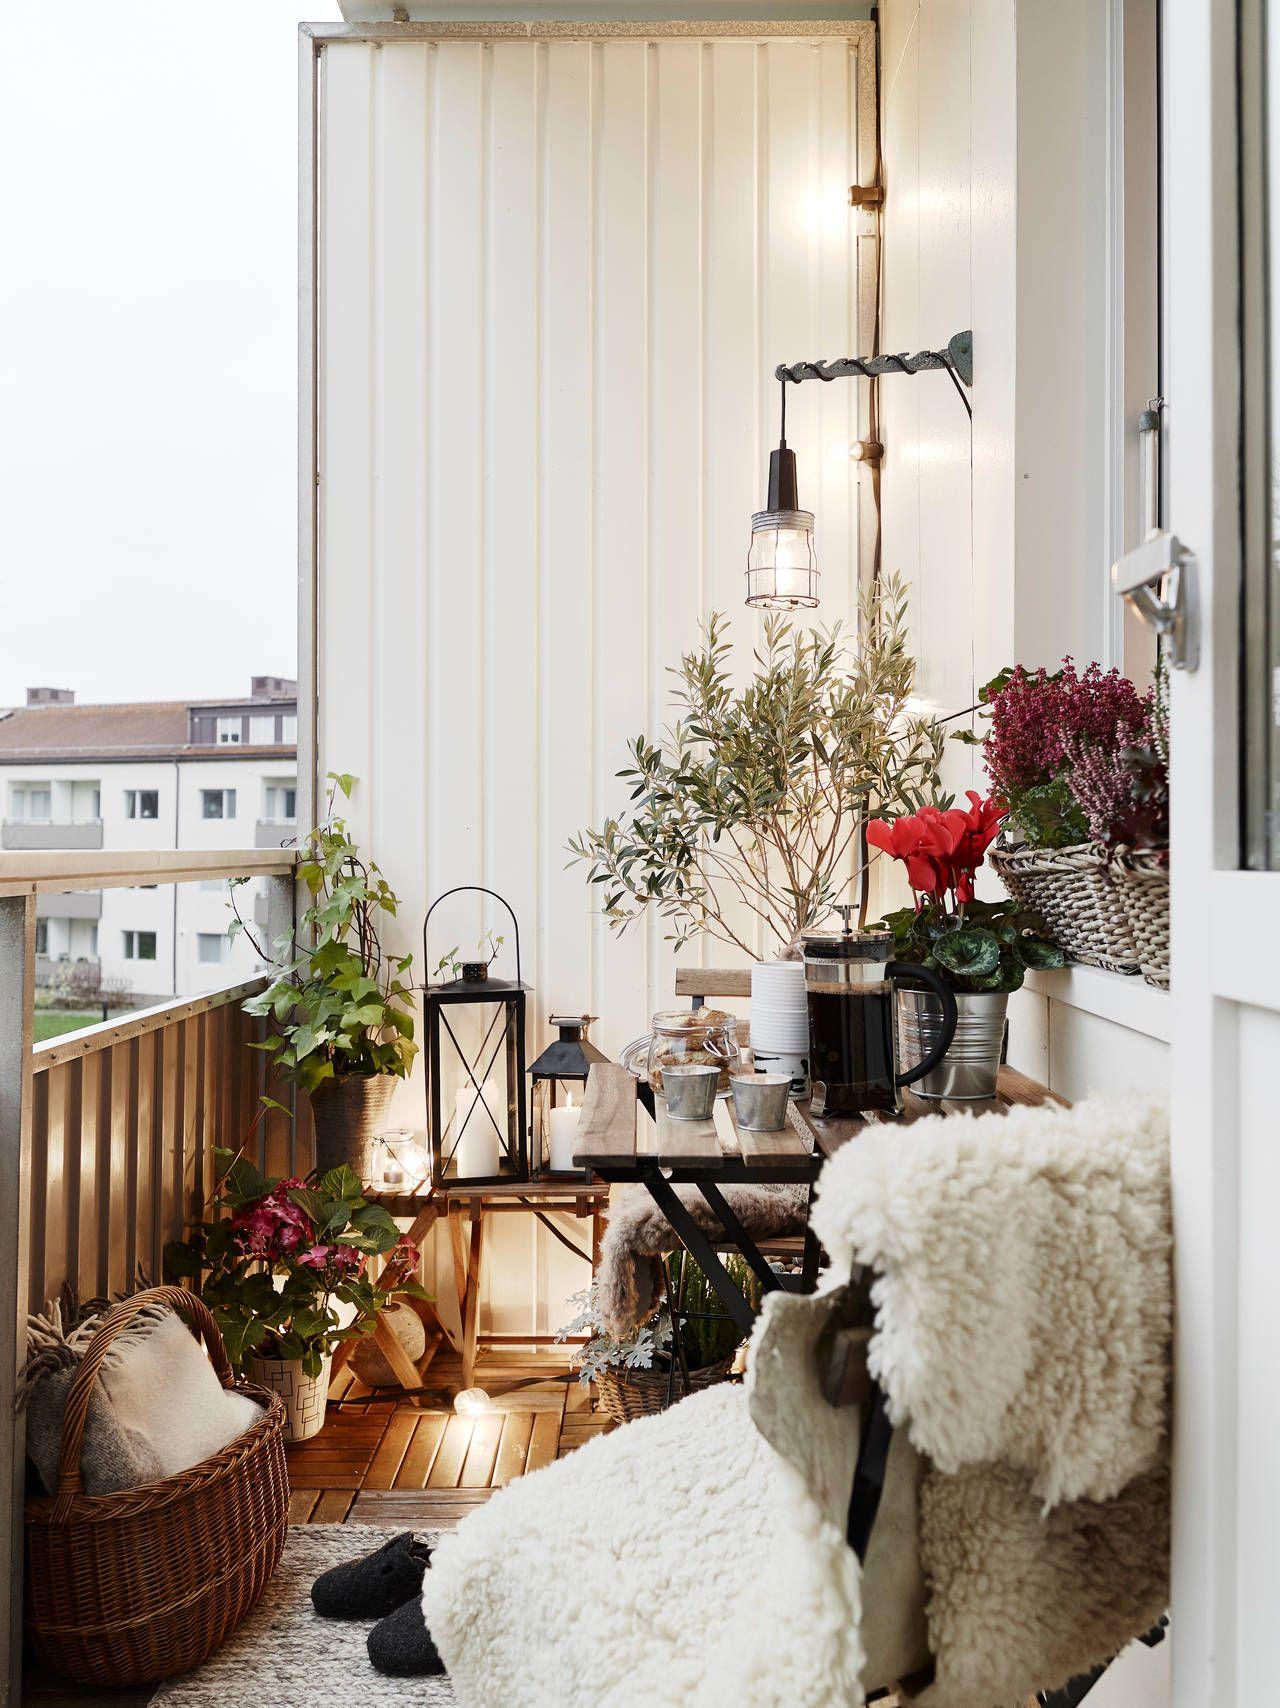 Wie Gestalte Ich Einen Kleinen Balkon gemütlicher balkon mit fell und holz balkon ideen balkon